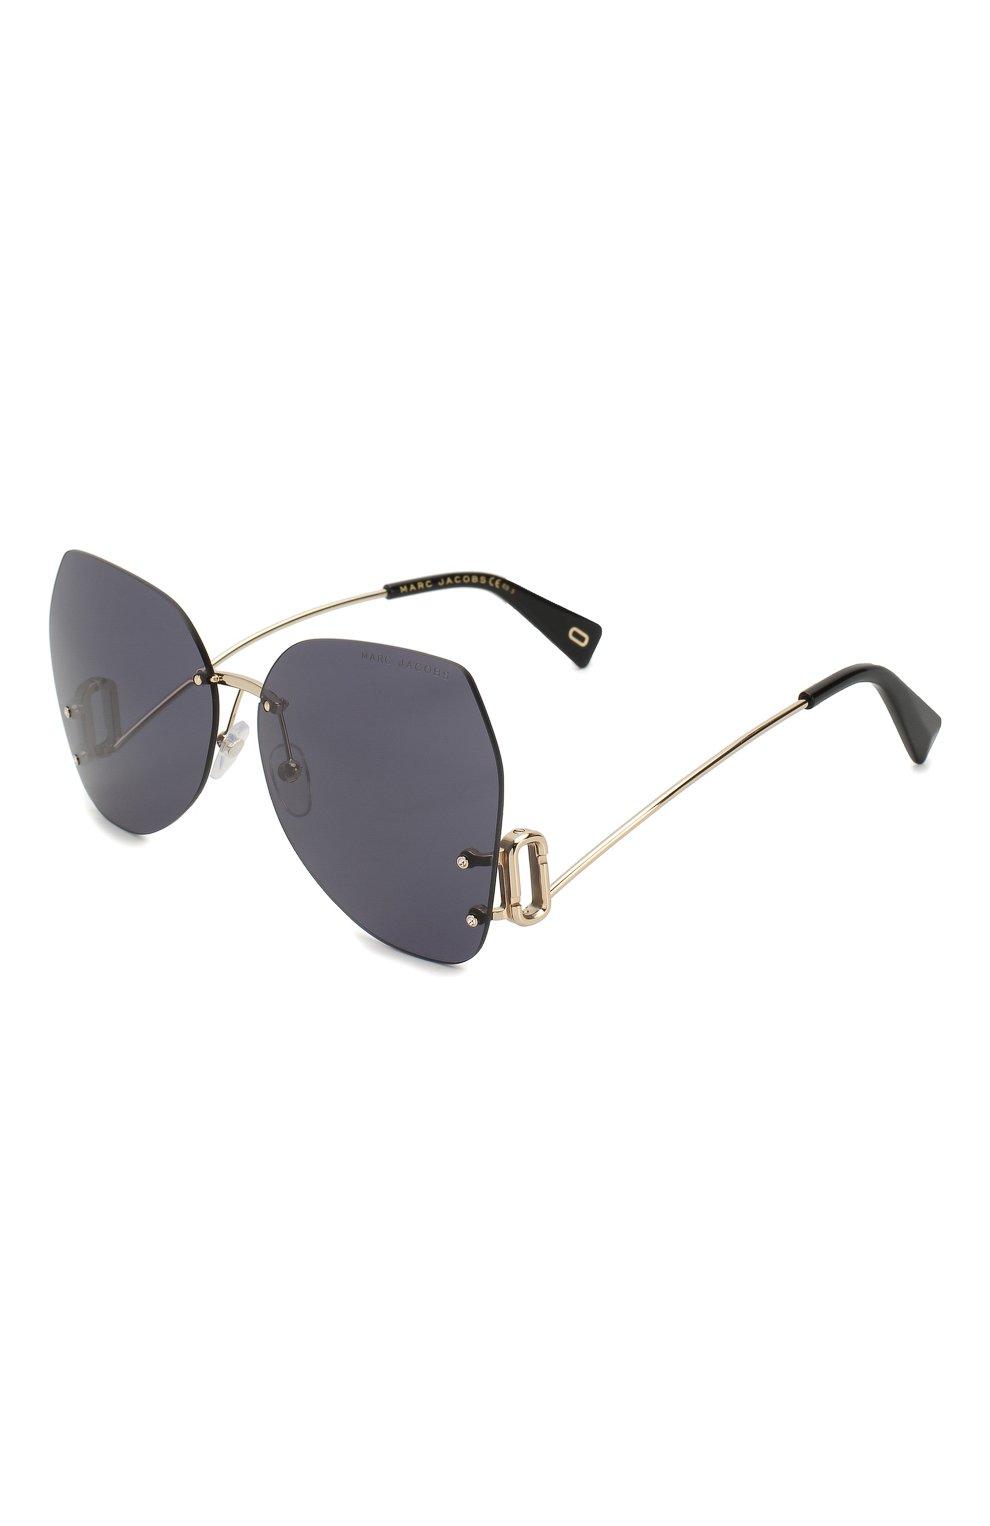 Женские солнцезащитные очки MARC JACOBS (THE) серого цвета, арт. MARC 373 807   Фото 1